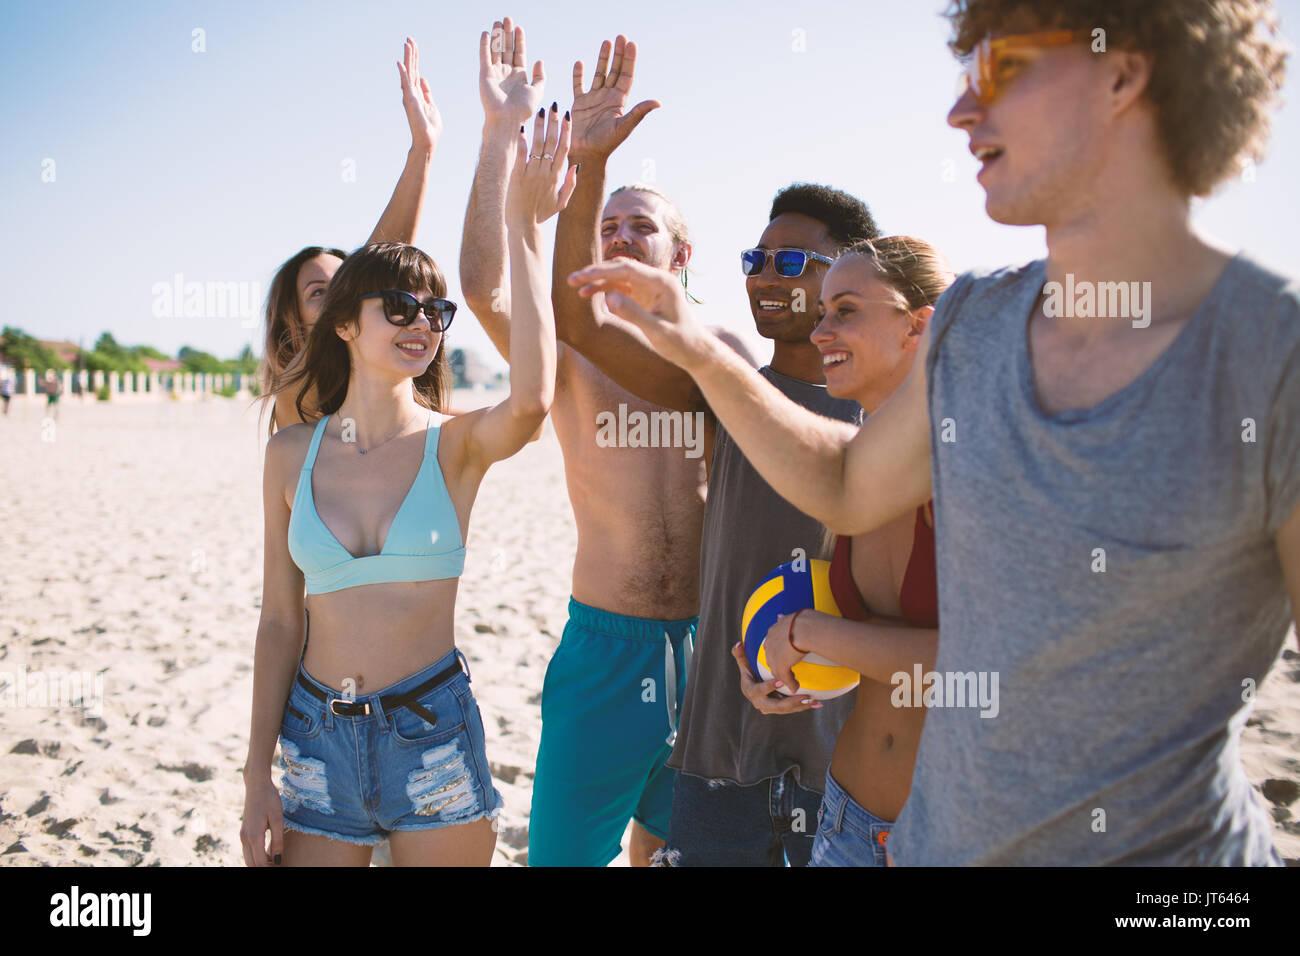 Gruppo di amici a giocare a beach volley in spiaggia Immagini Stock